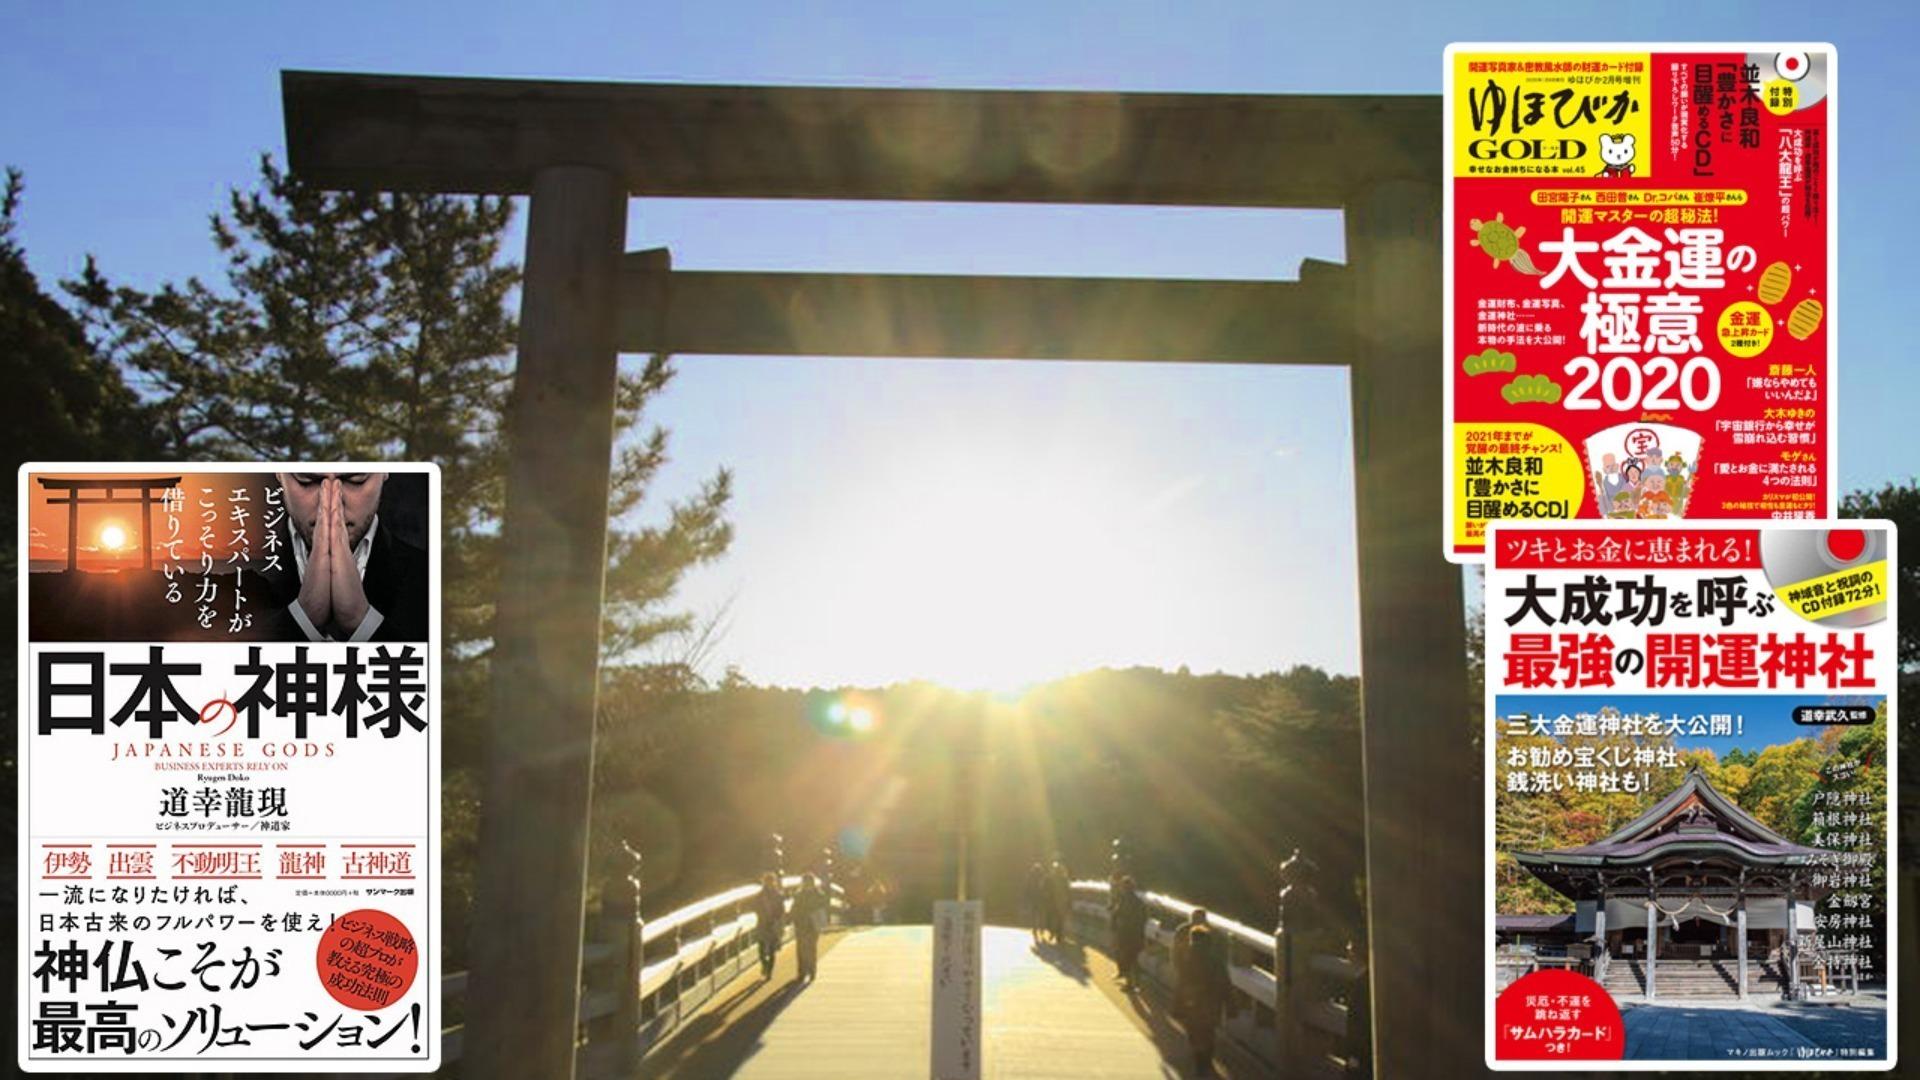 21.7.8【神道編】第39回 太宰府天満宮から移動して神事、神降ろし